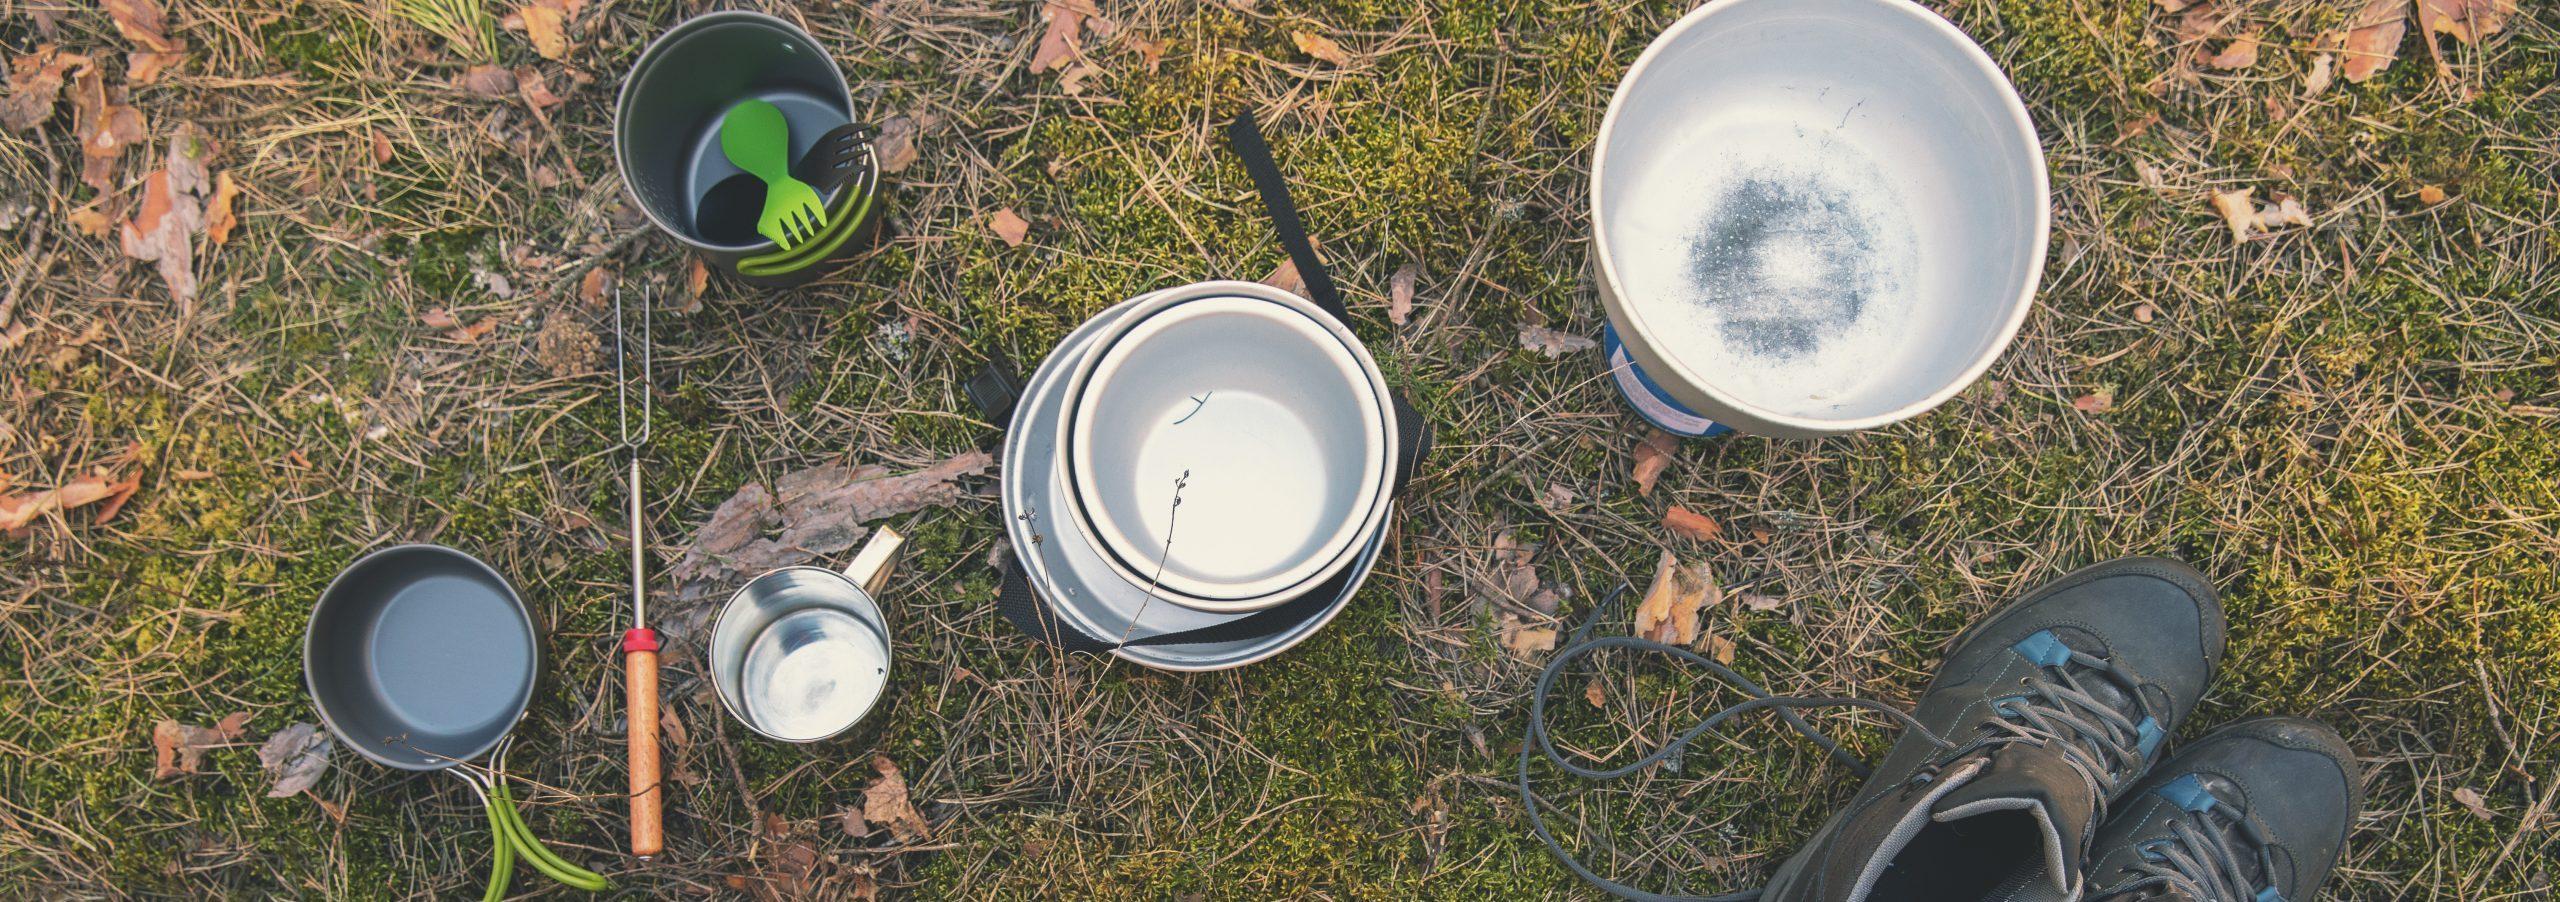 Outdoor Cookware Essentials